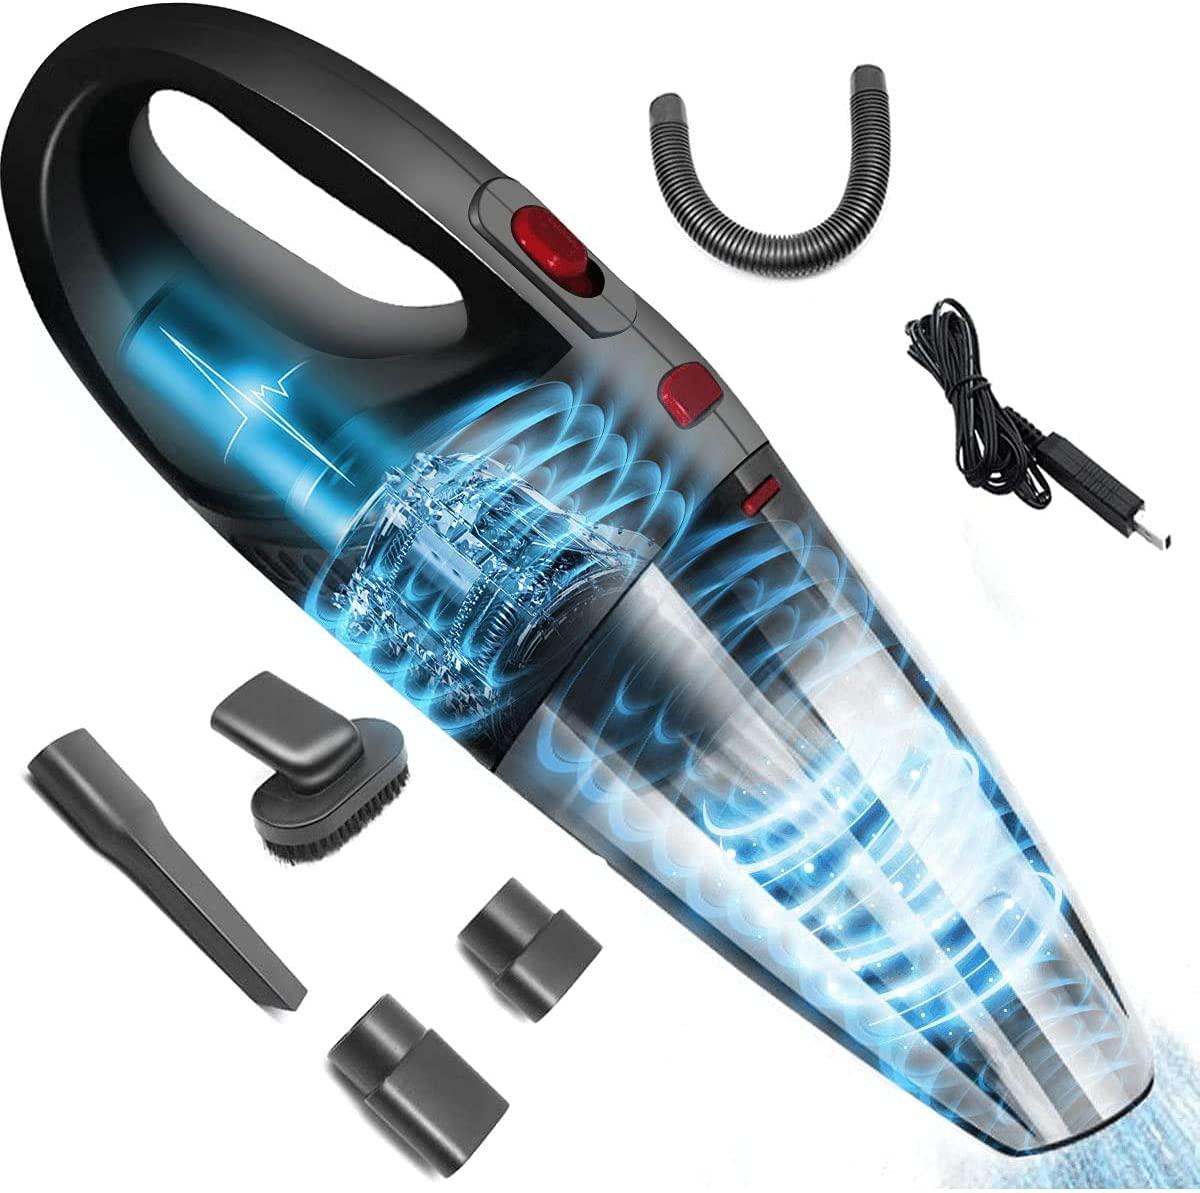 Aspiradora de mano con accesorios (precio utilizando el cupón de 50 pesos de descuento disponible)